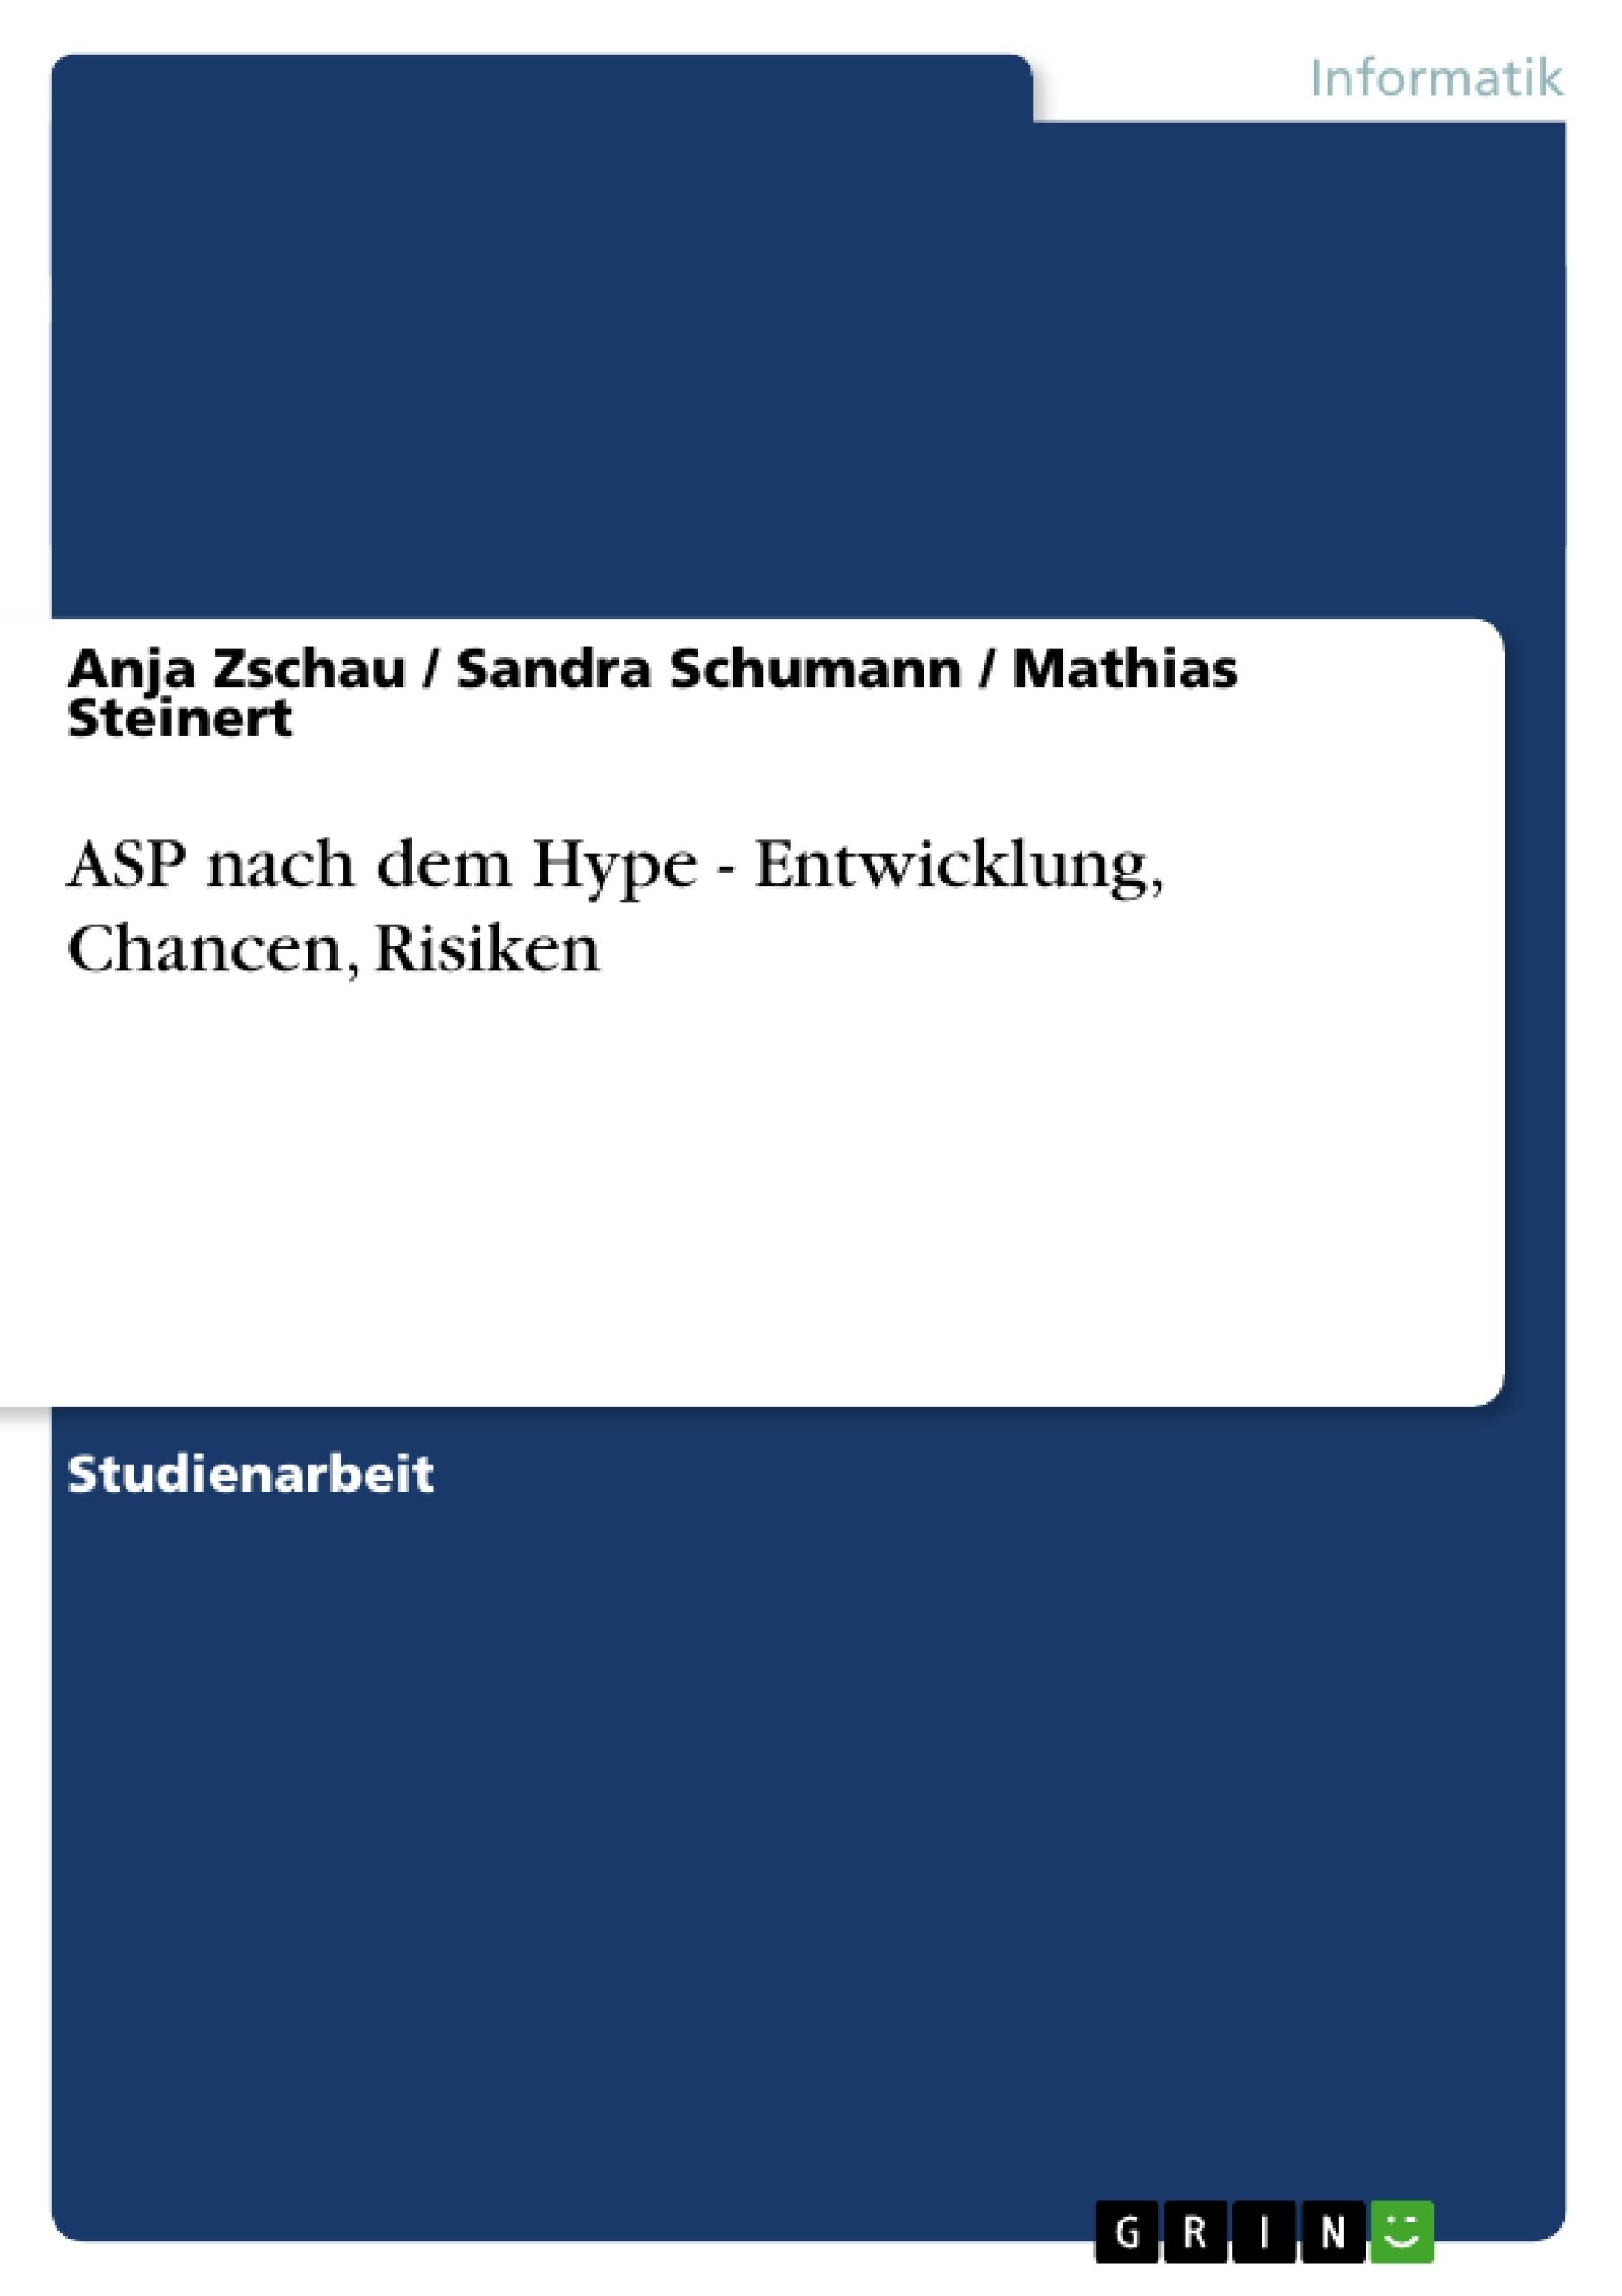 Titel: ASP nach dem Hype - Entwicklung, Chancen, Risiken